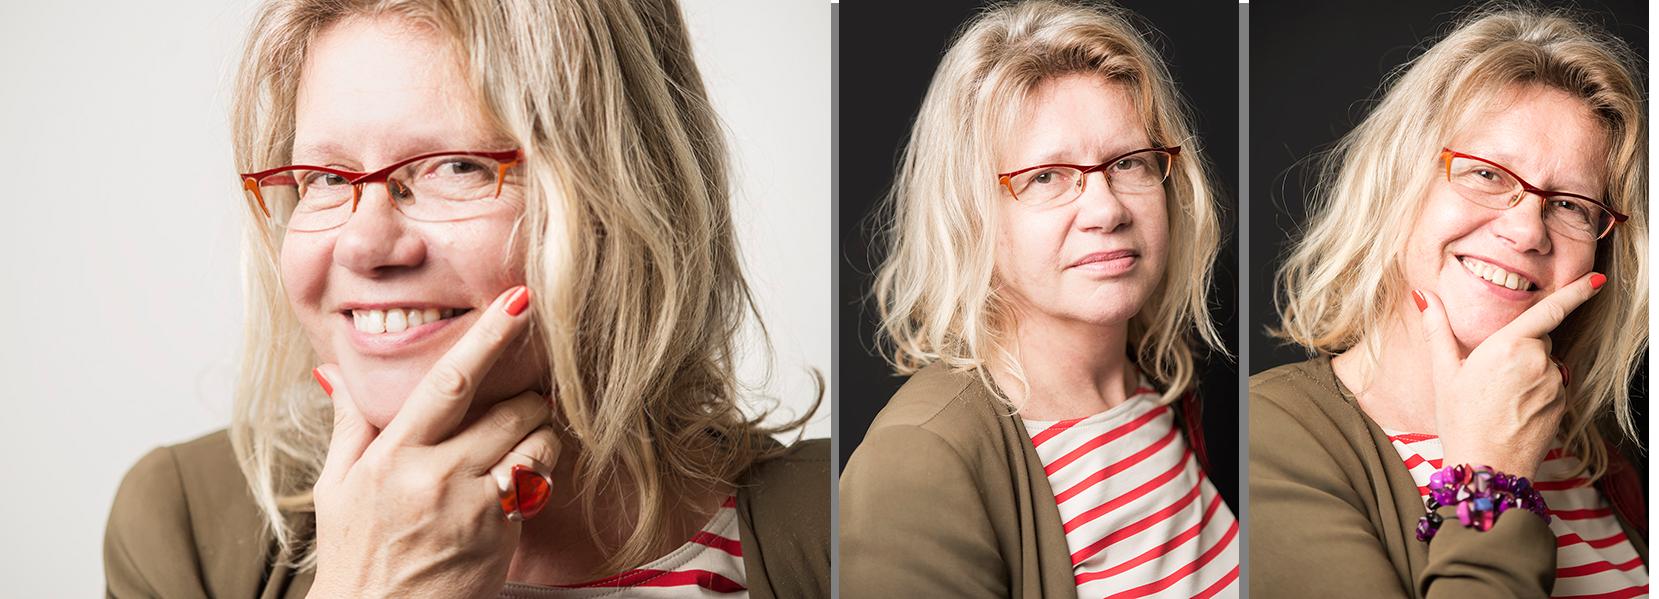 réalisation de portraits pour le site web